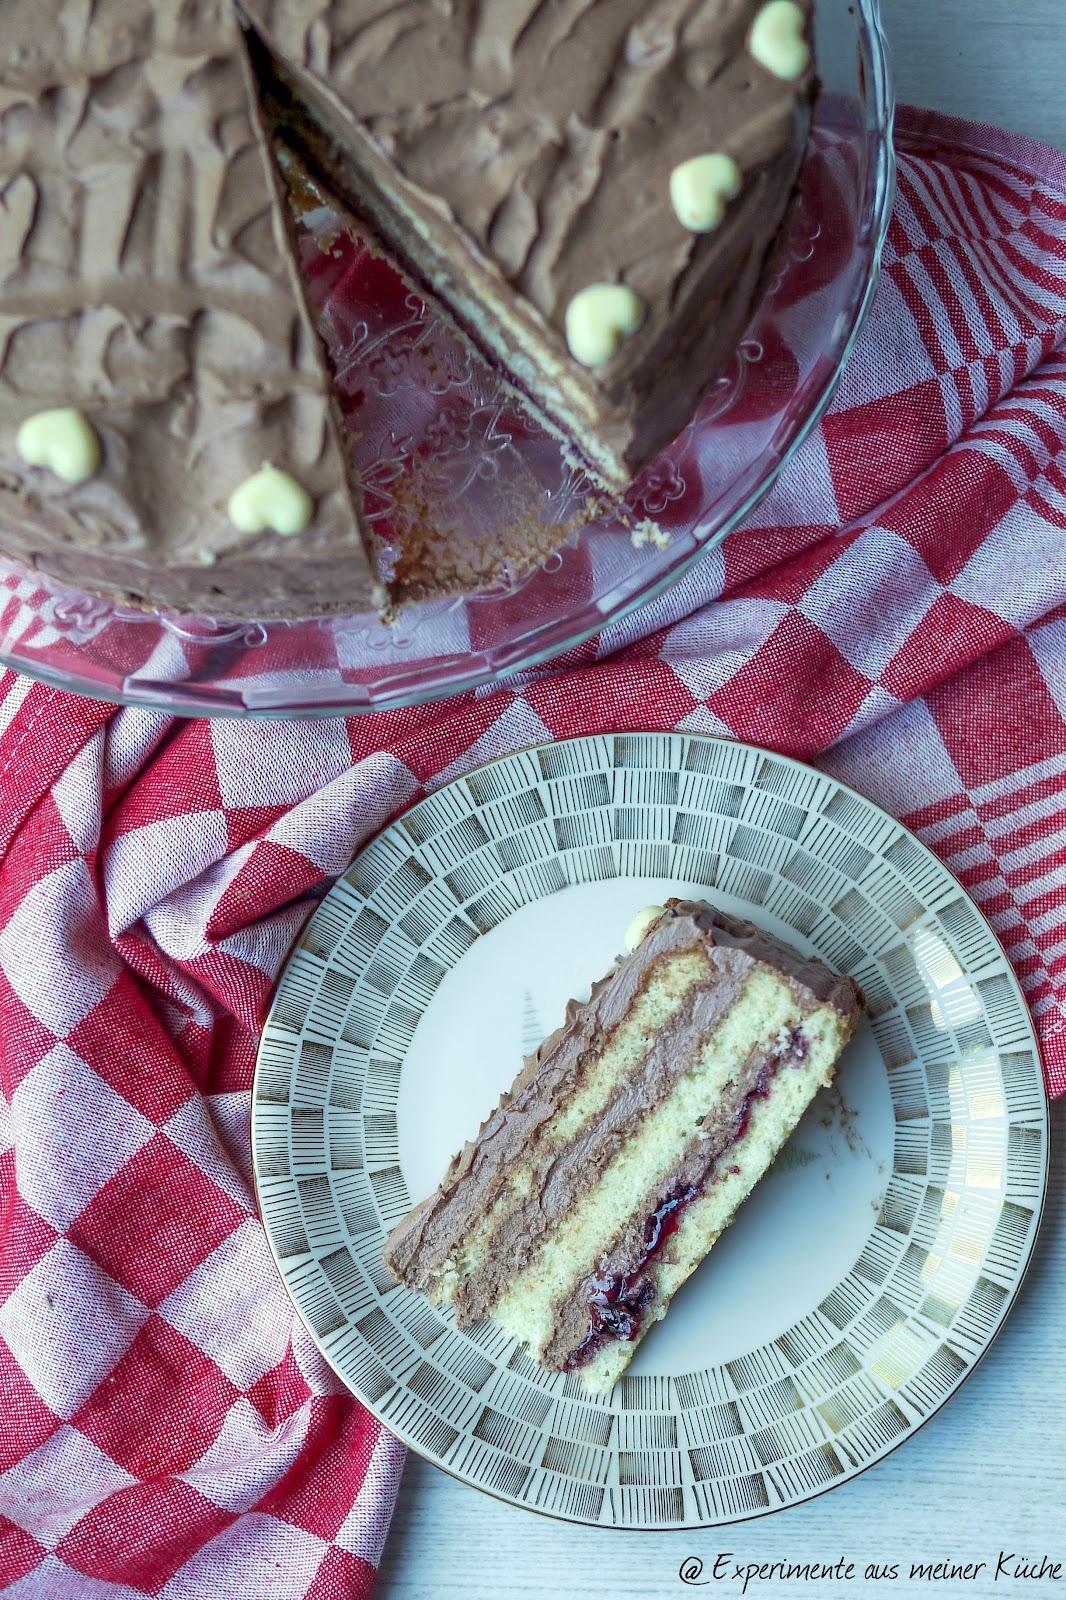 aus meiner Küche: Schokoladen-Buttercremetorte